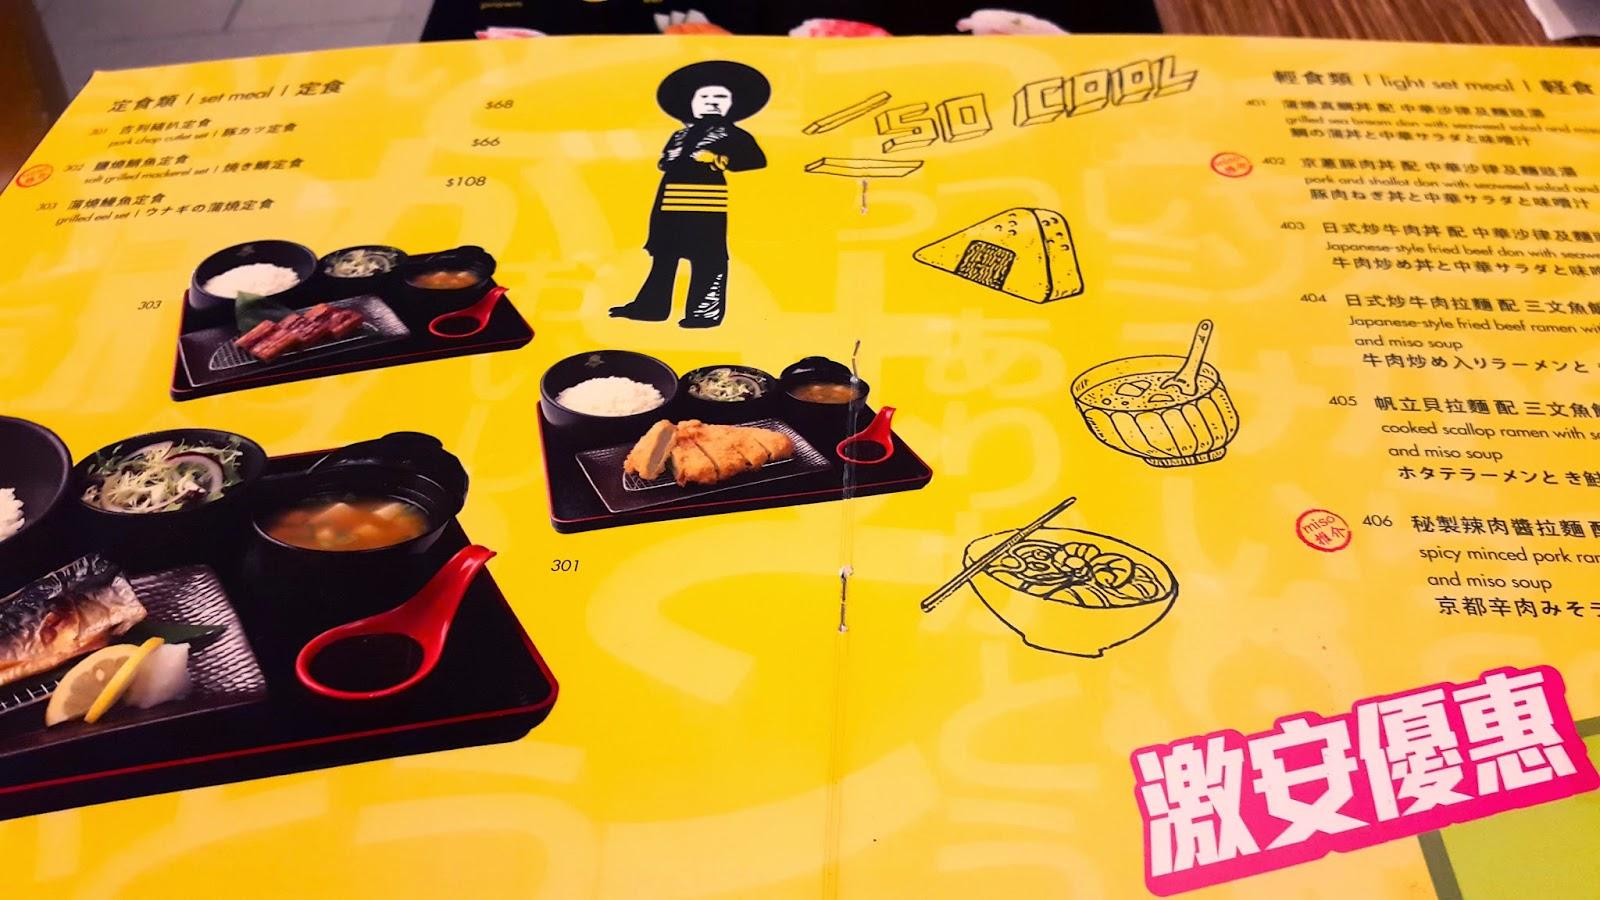 Miso Cool K11 Art Mall Food Menu